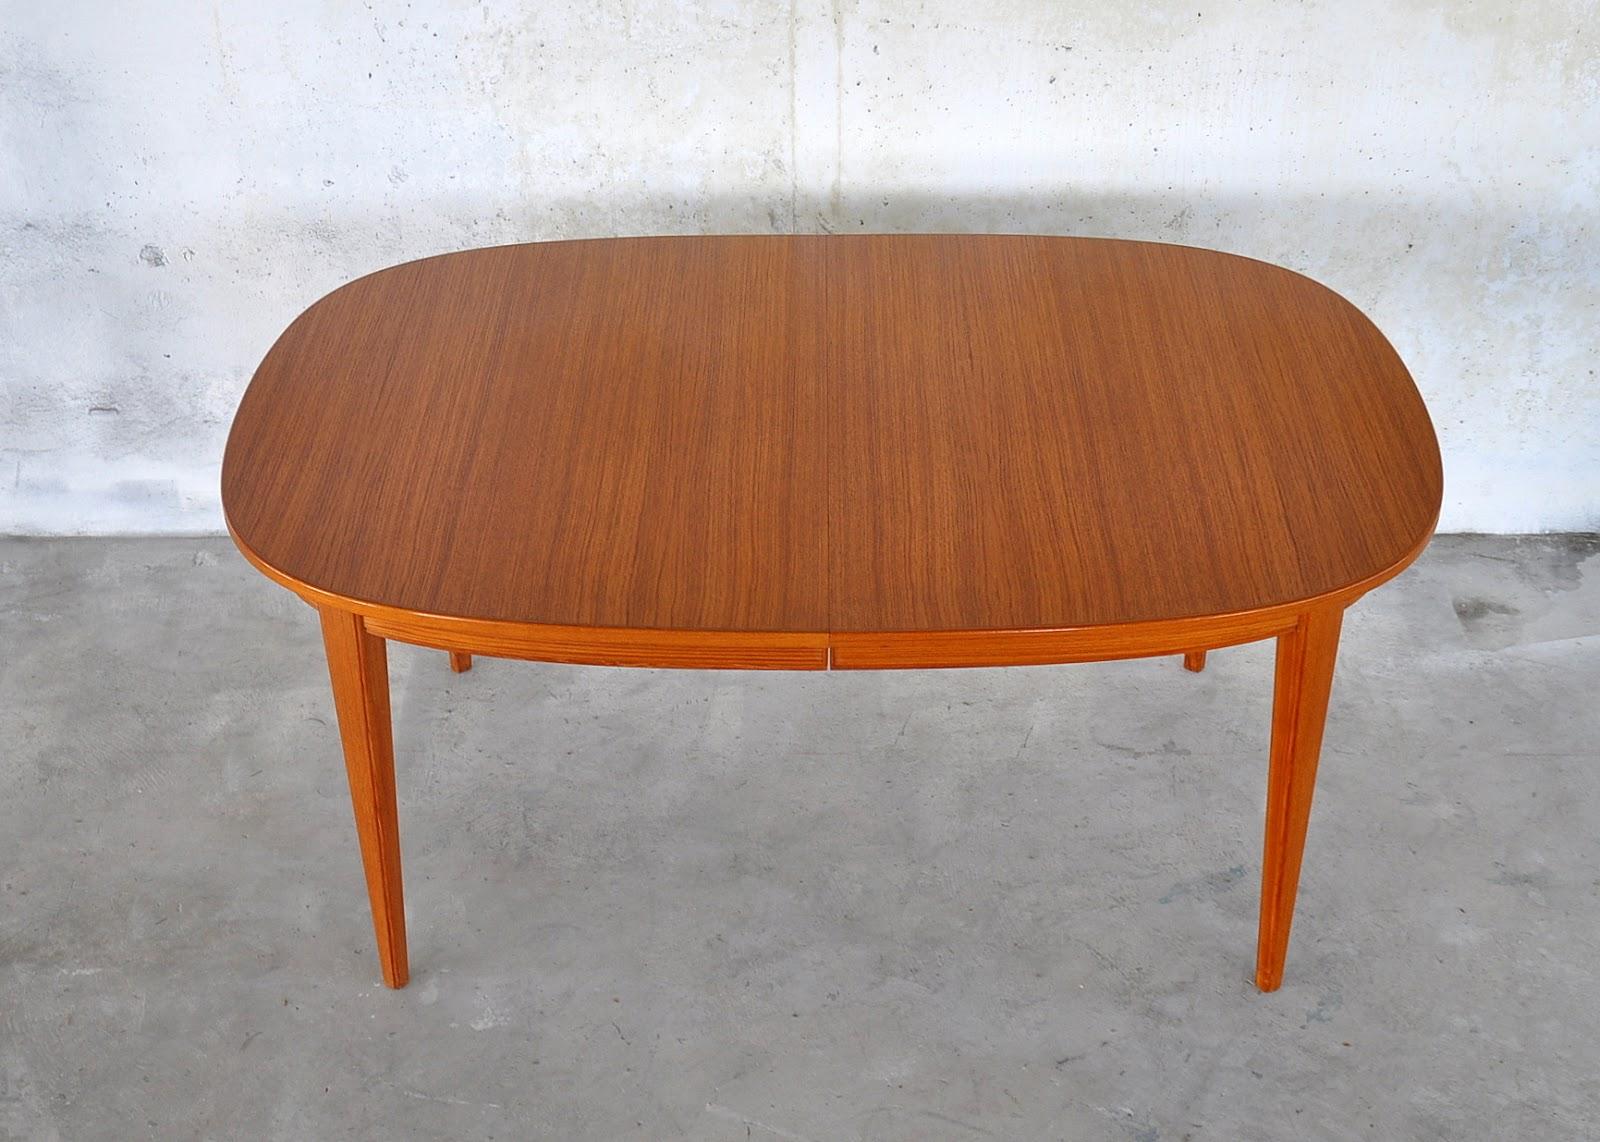 Danish_Modern_Teak_Dining_Table_2.